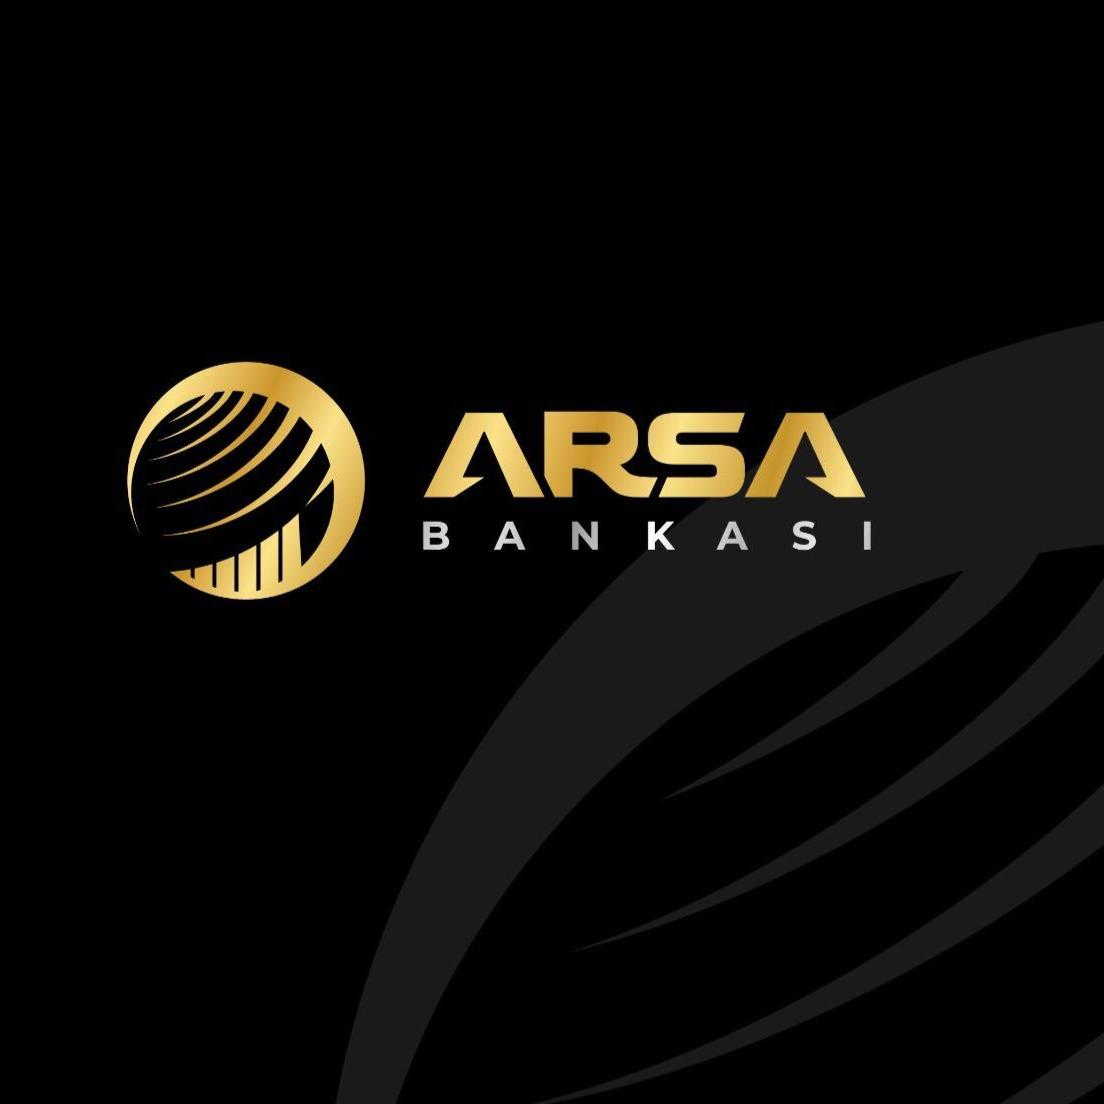 ARSA BANKASI